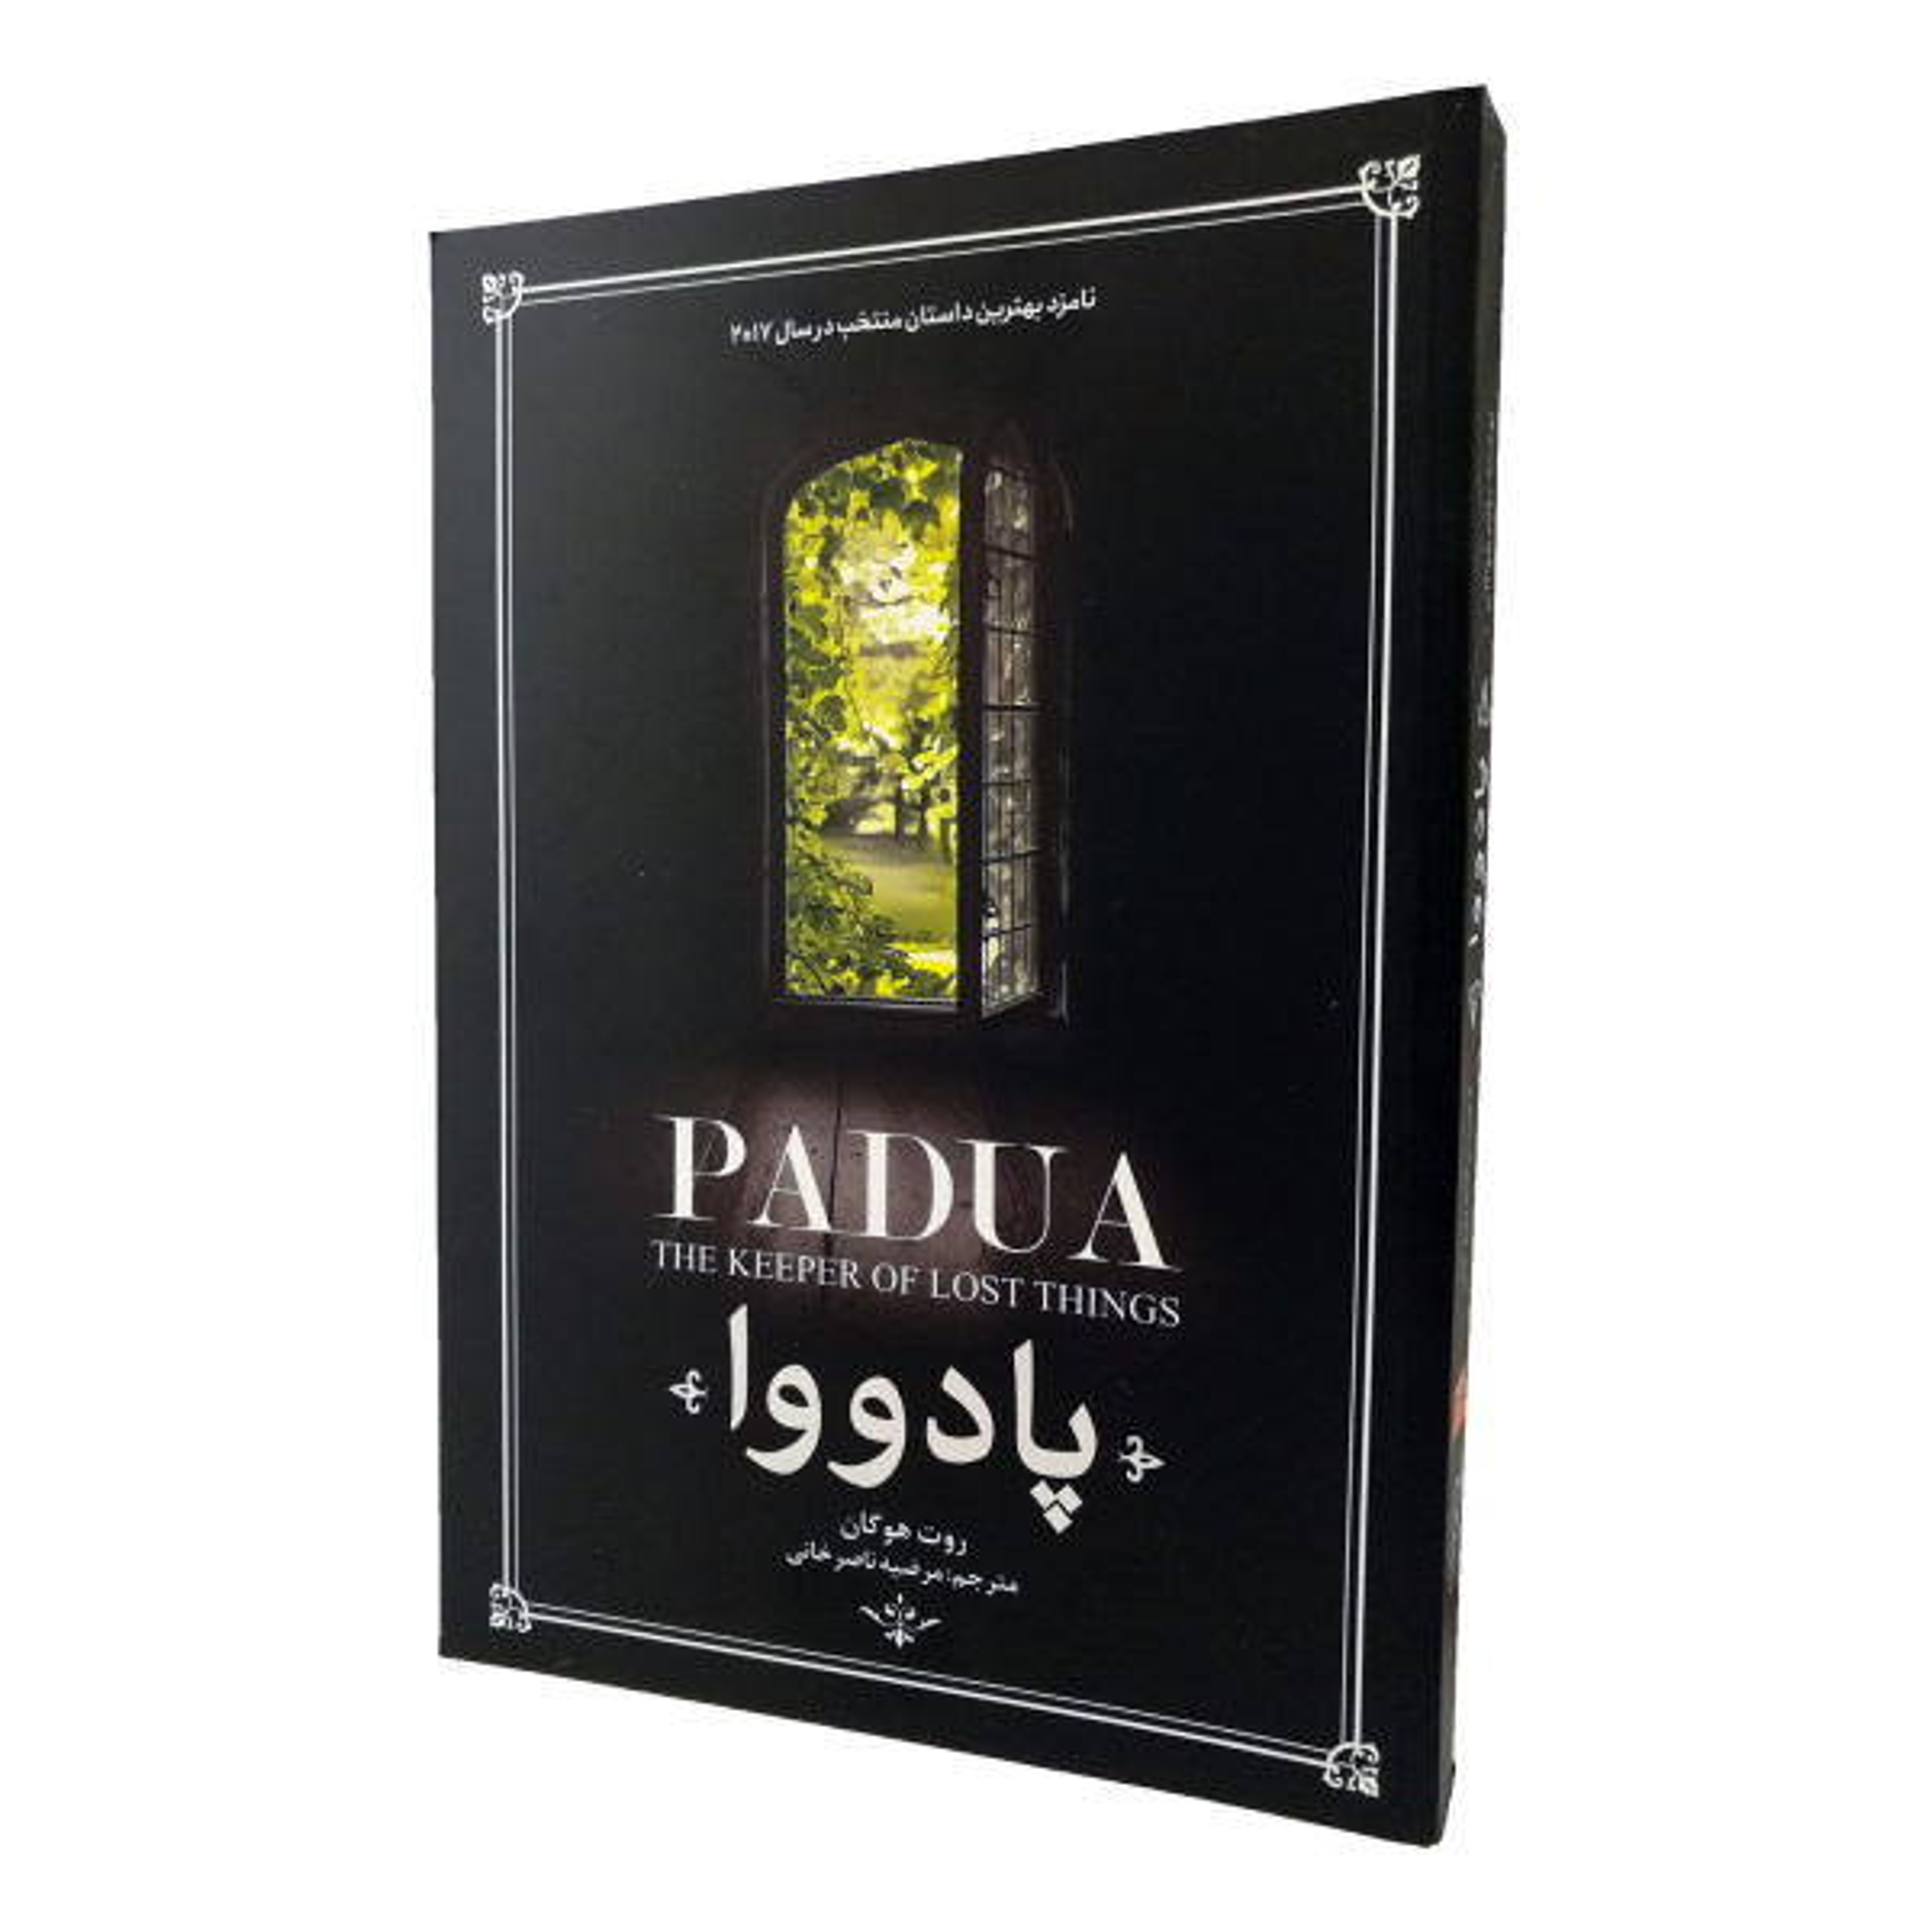 کتاب پادووا اثر روت هوگان نشر آزرمیدخت